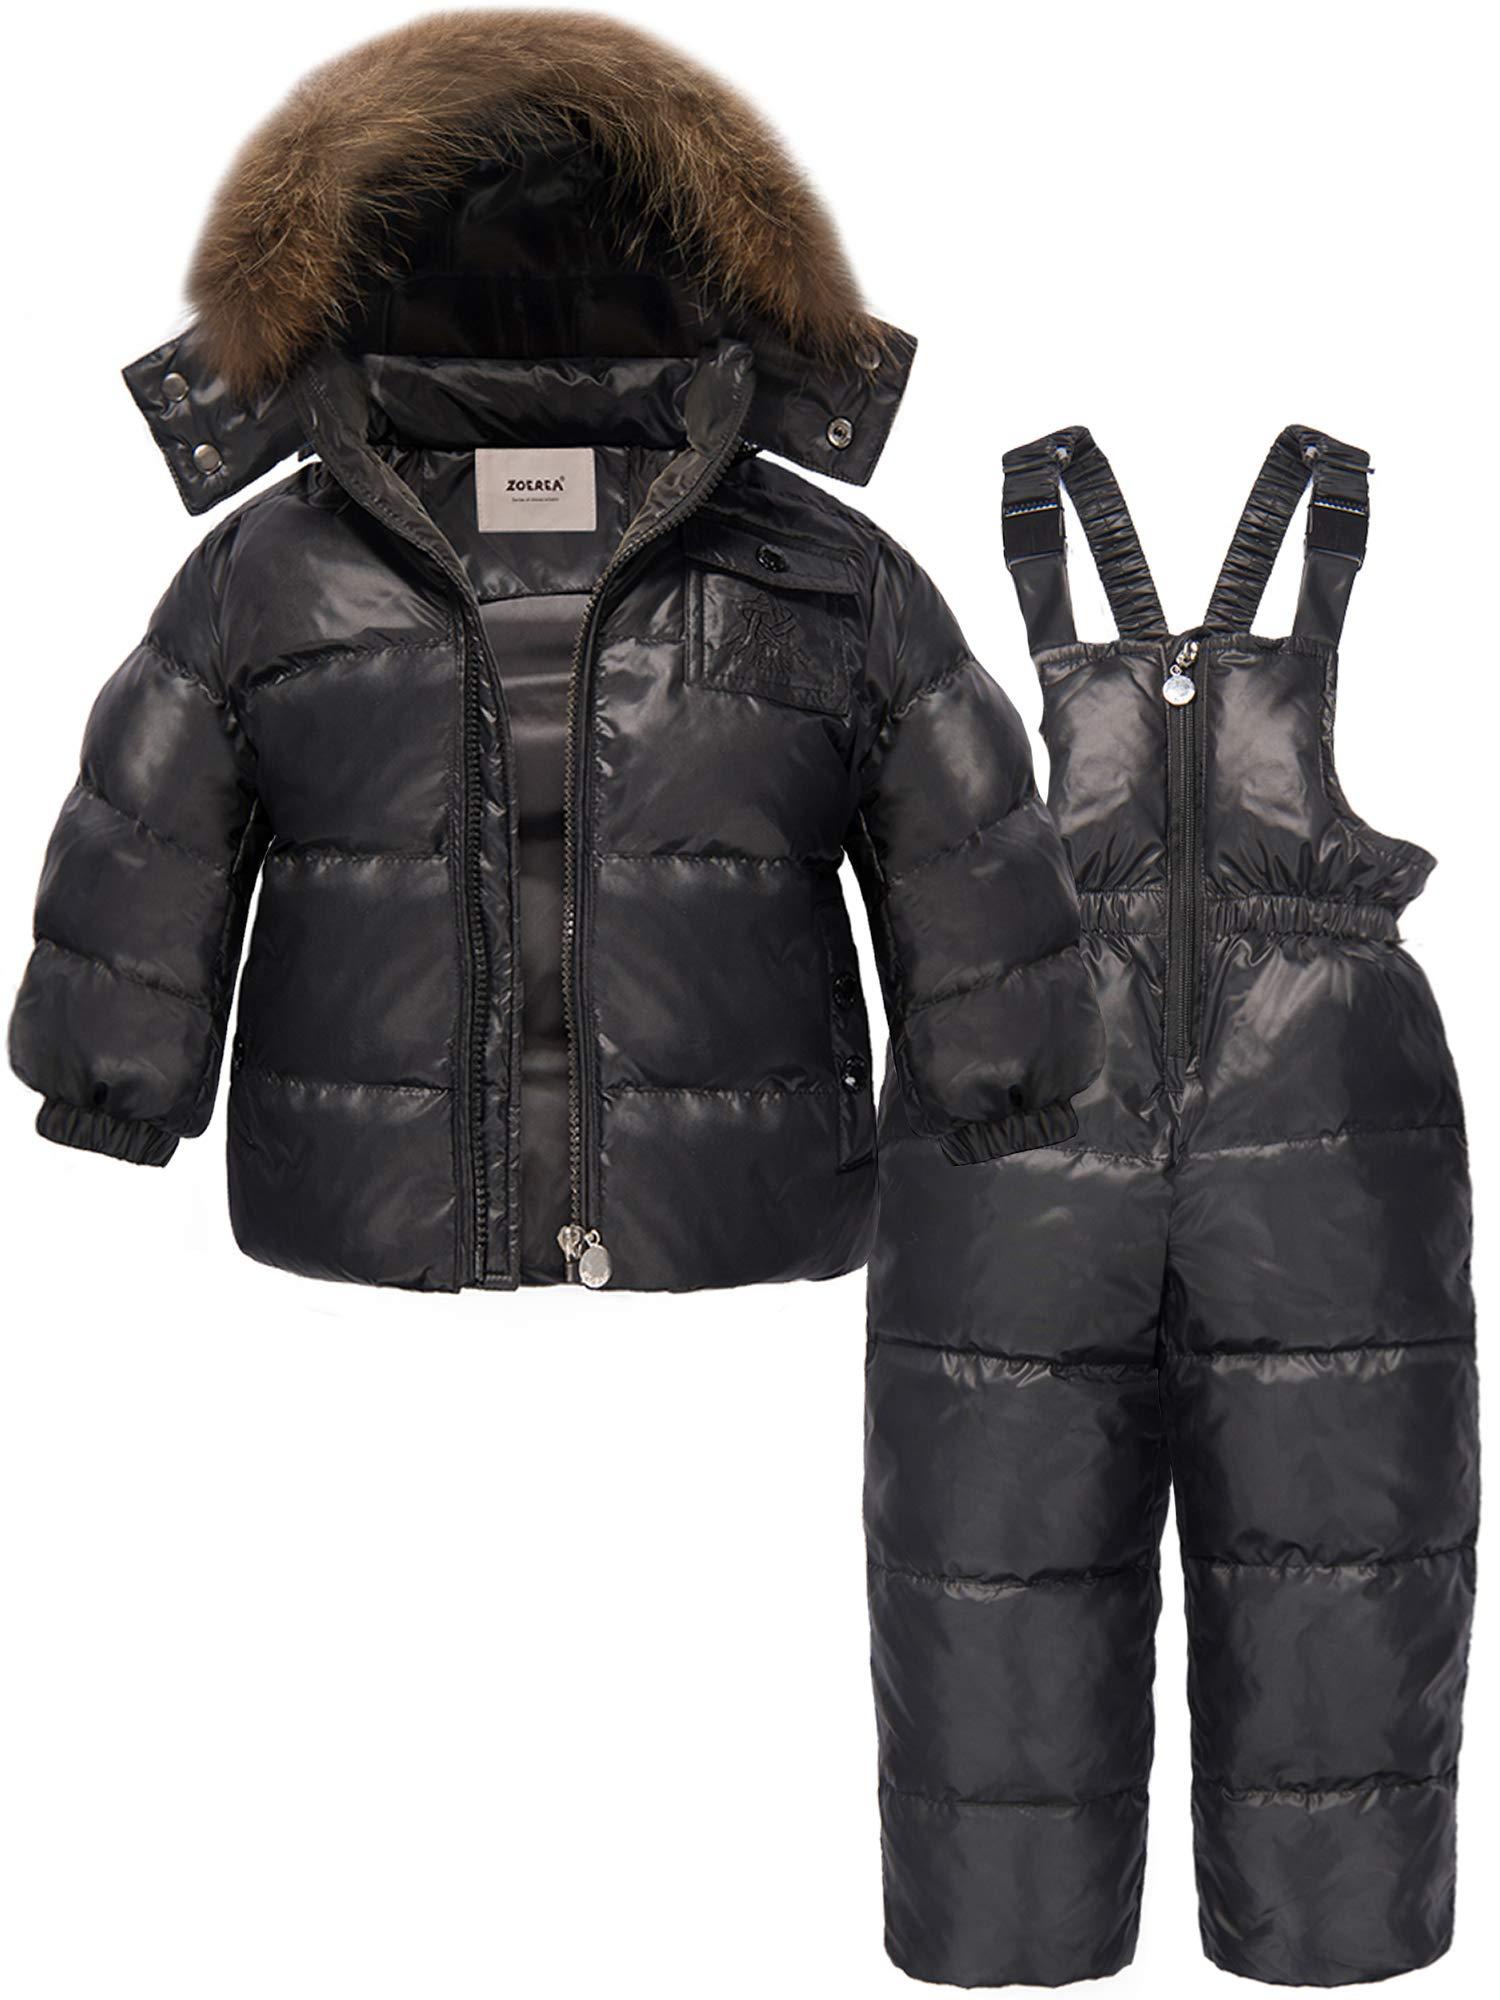 ZOEREA 2 Piece Unisex Kids Girls Snowsuit Hooded Puffer Jacket Snow Pants (Label L/Height 33.46-37.40 inch, Black) by ZOEREA